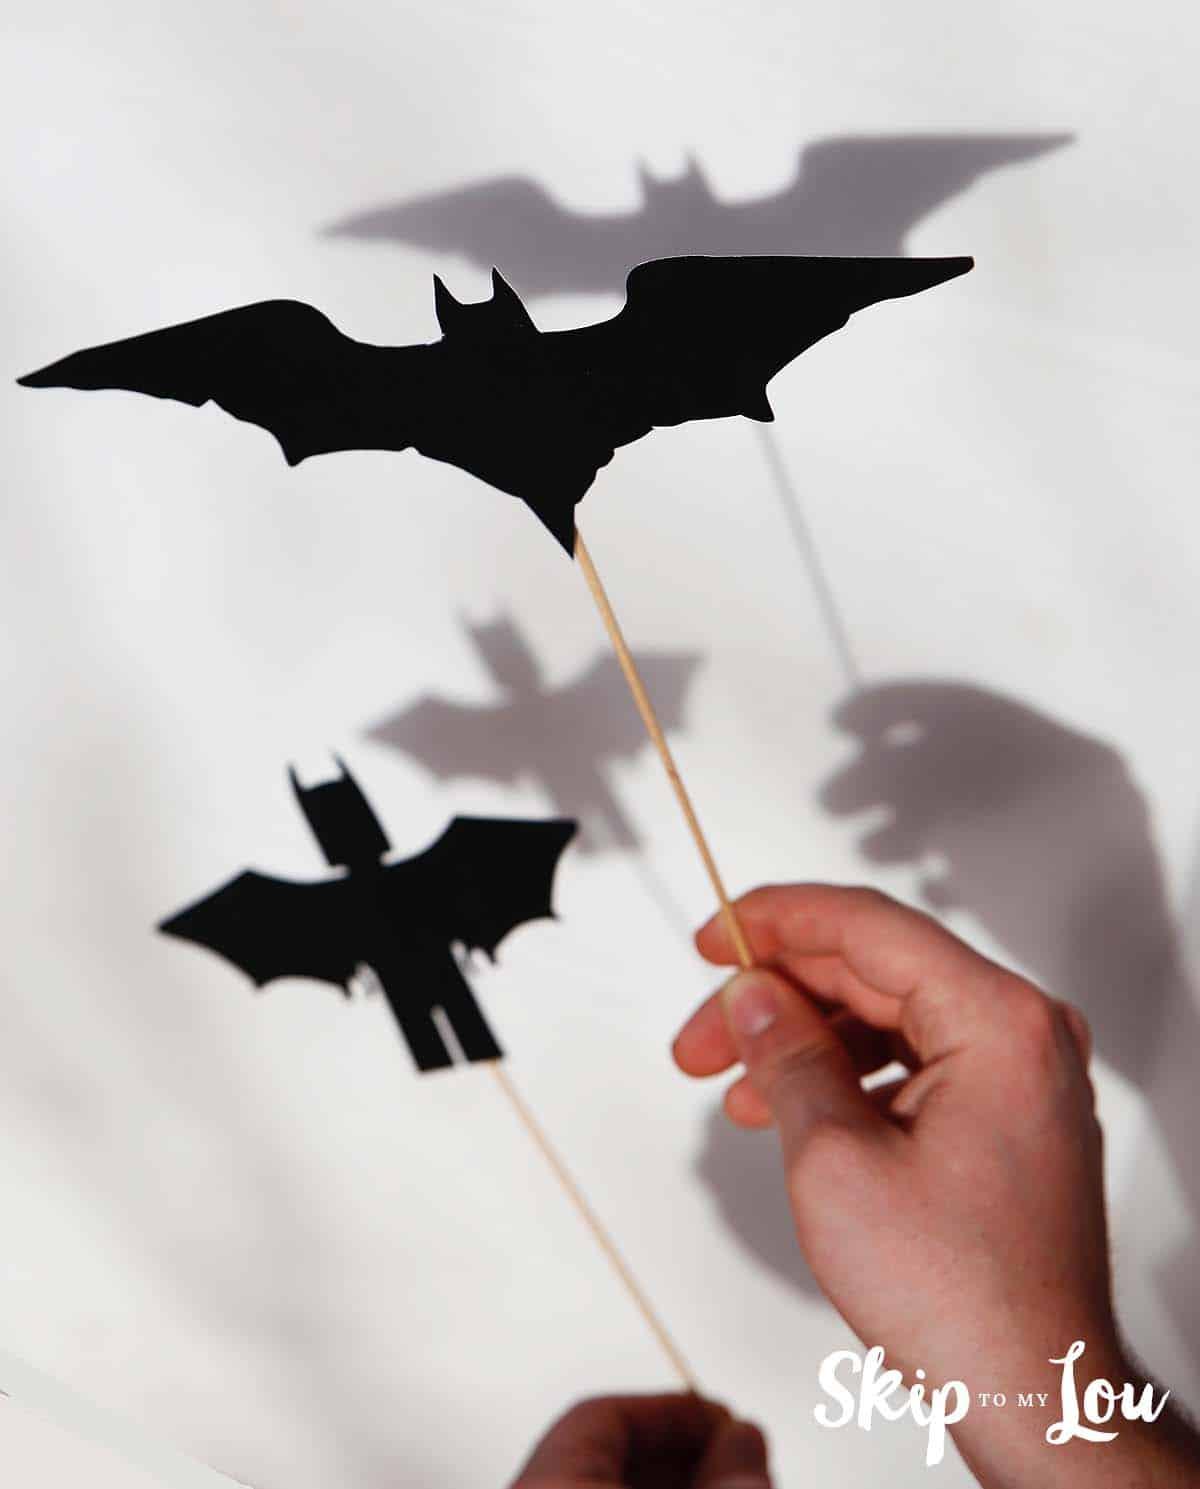 lego batman shadow puppets